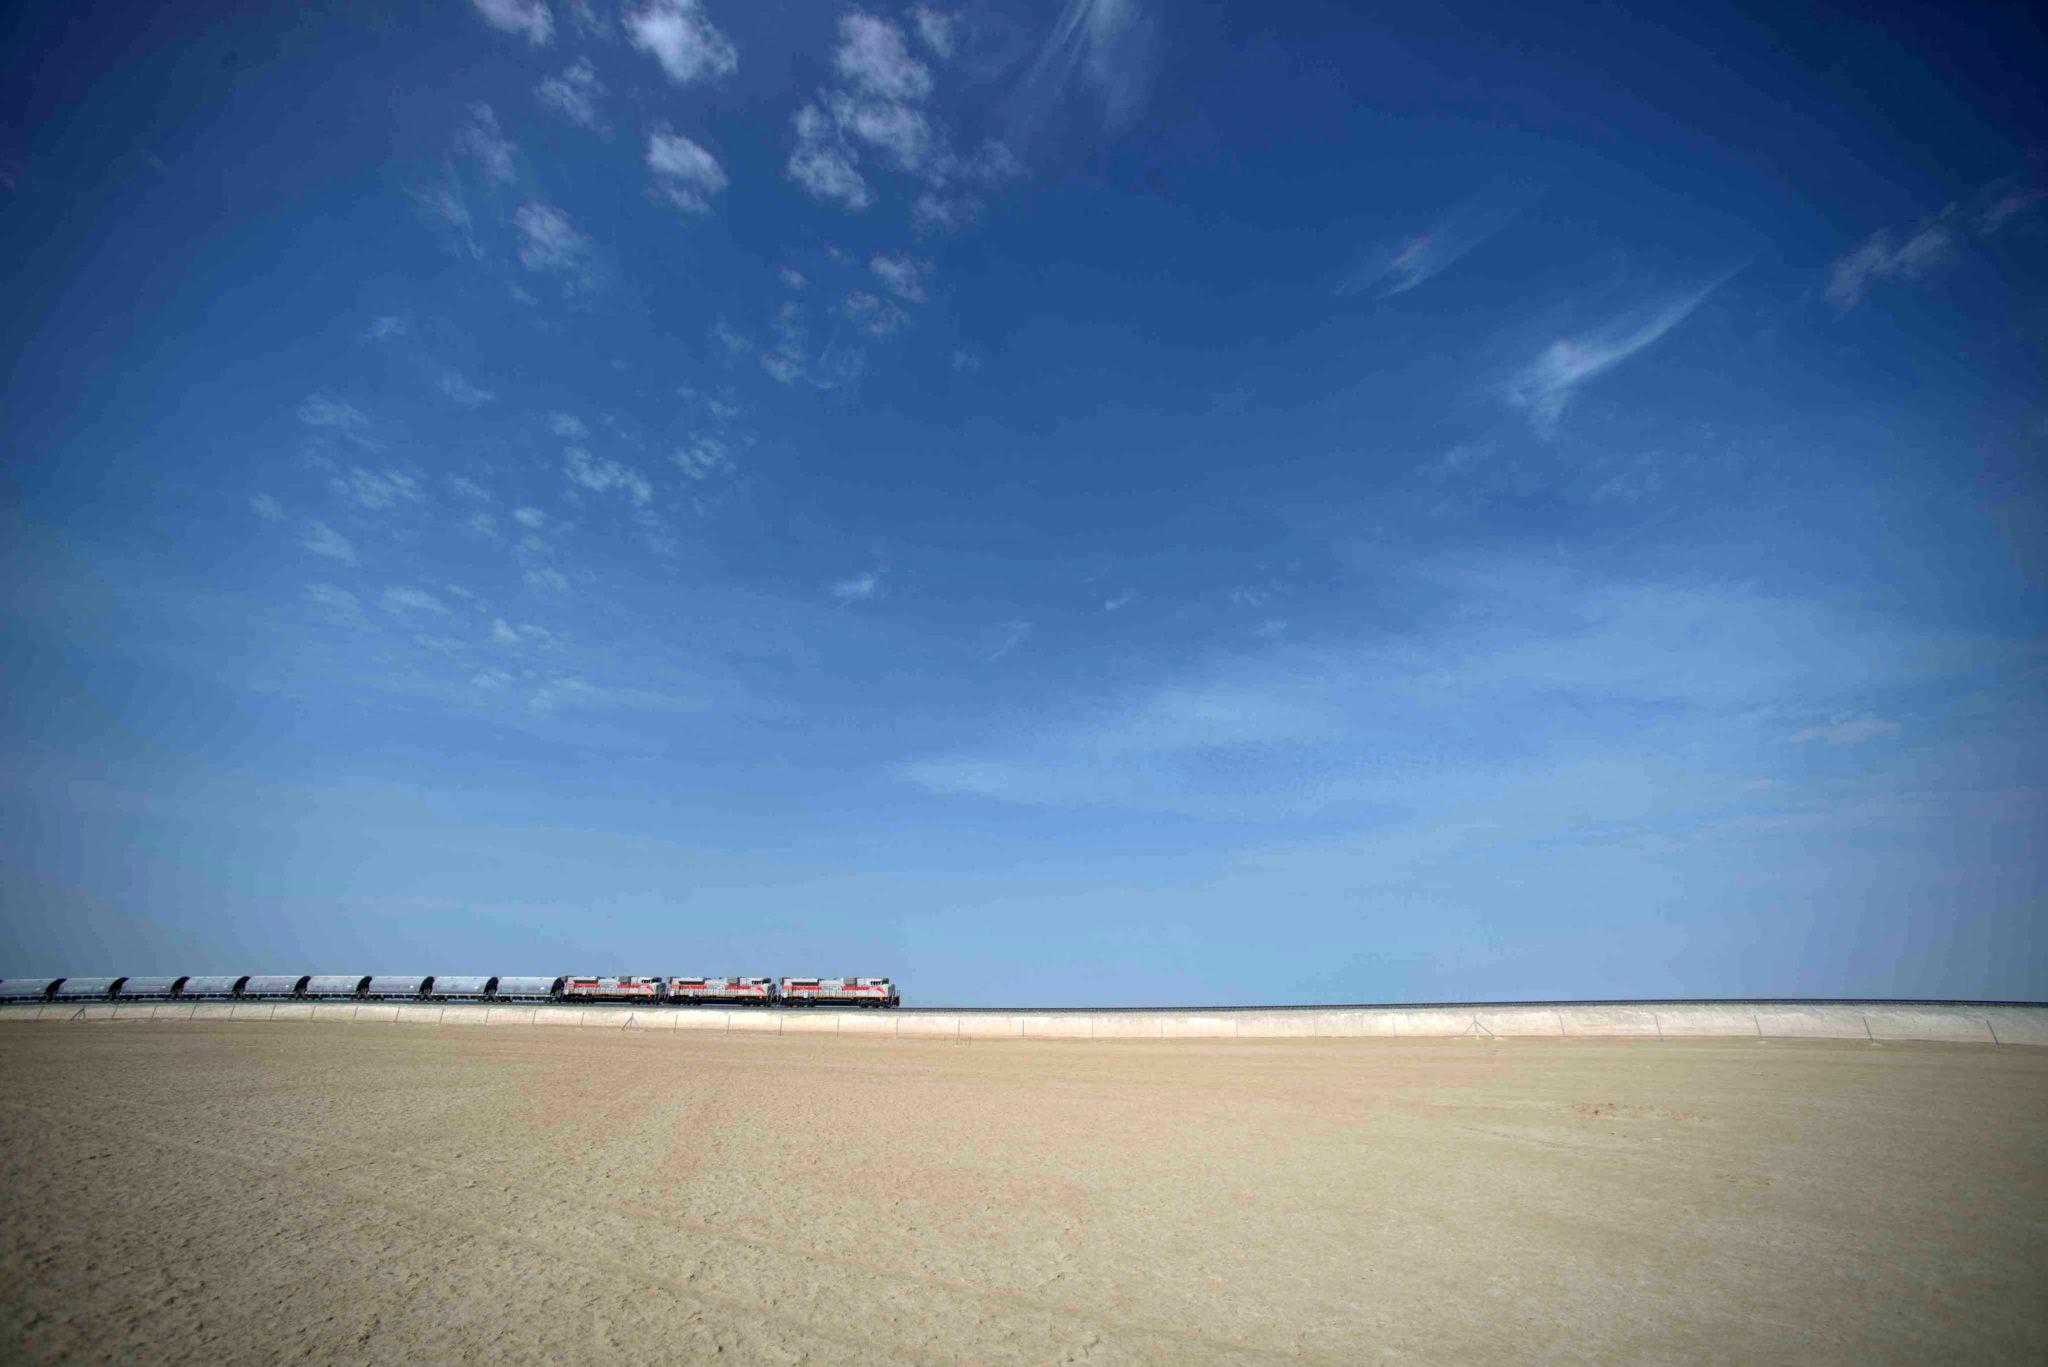 Etihad Rail DB freight train in UAE